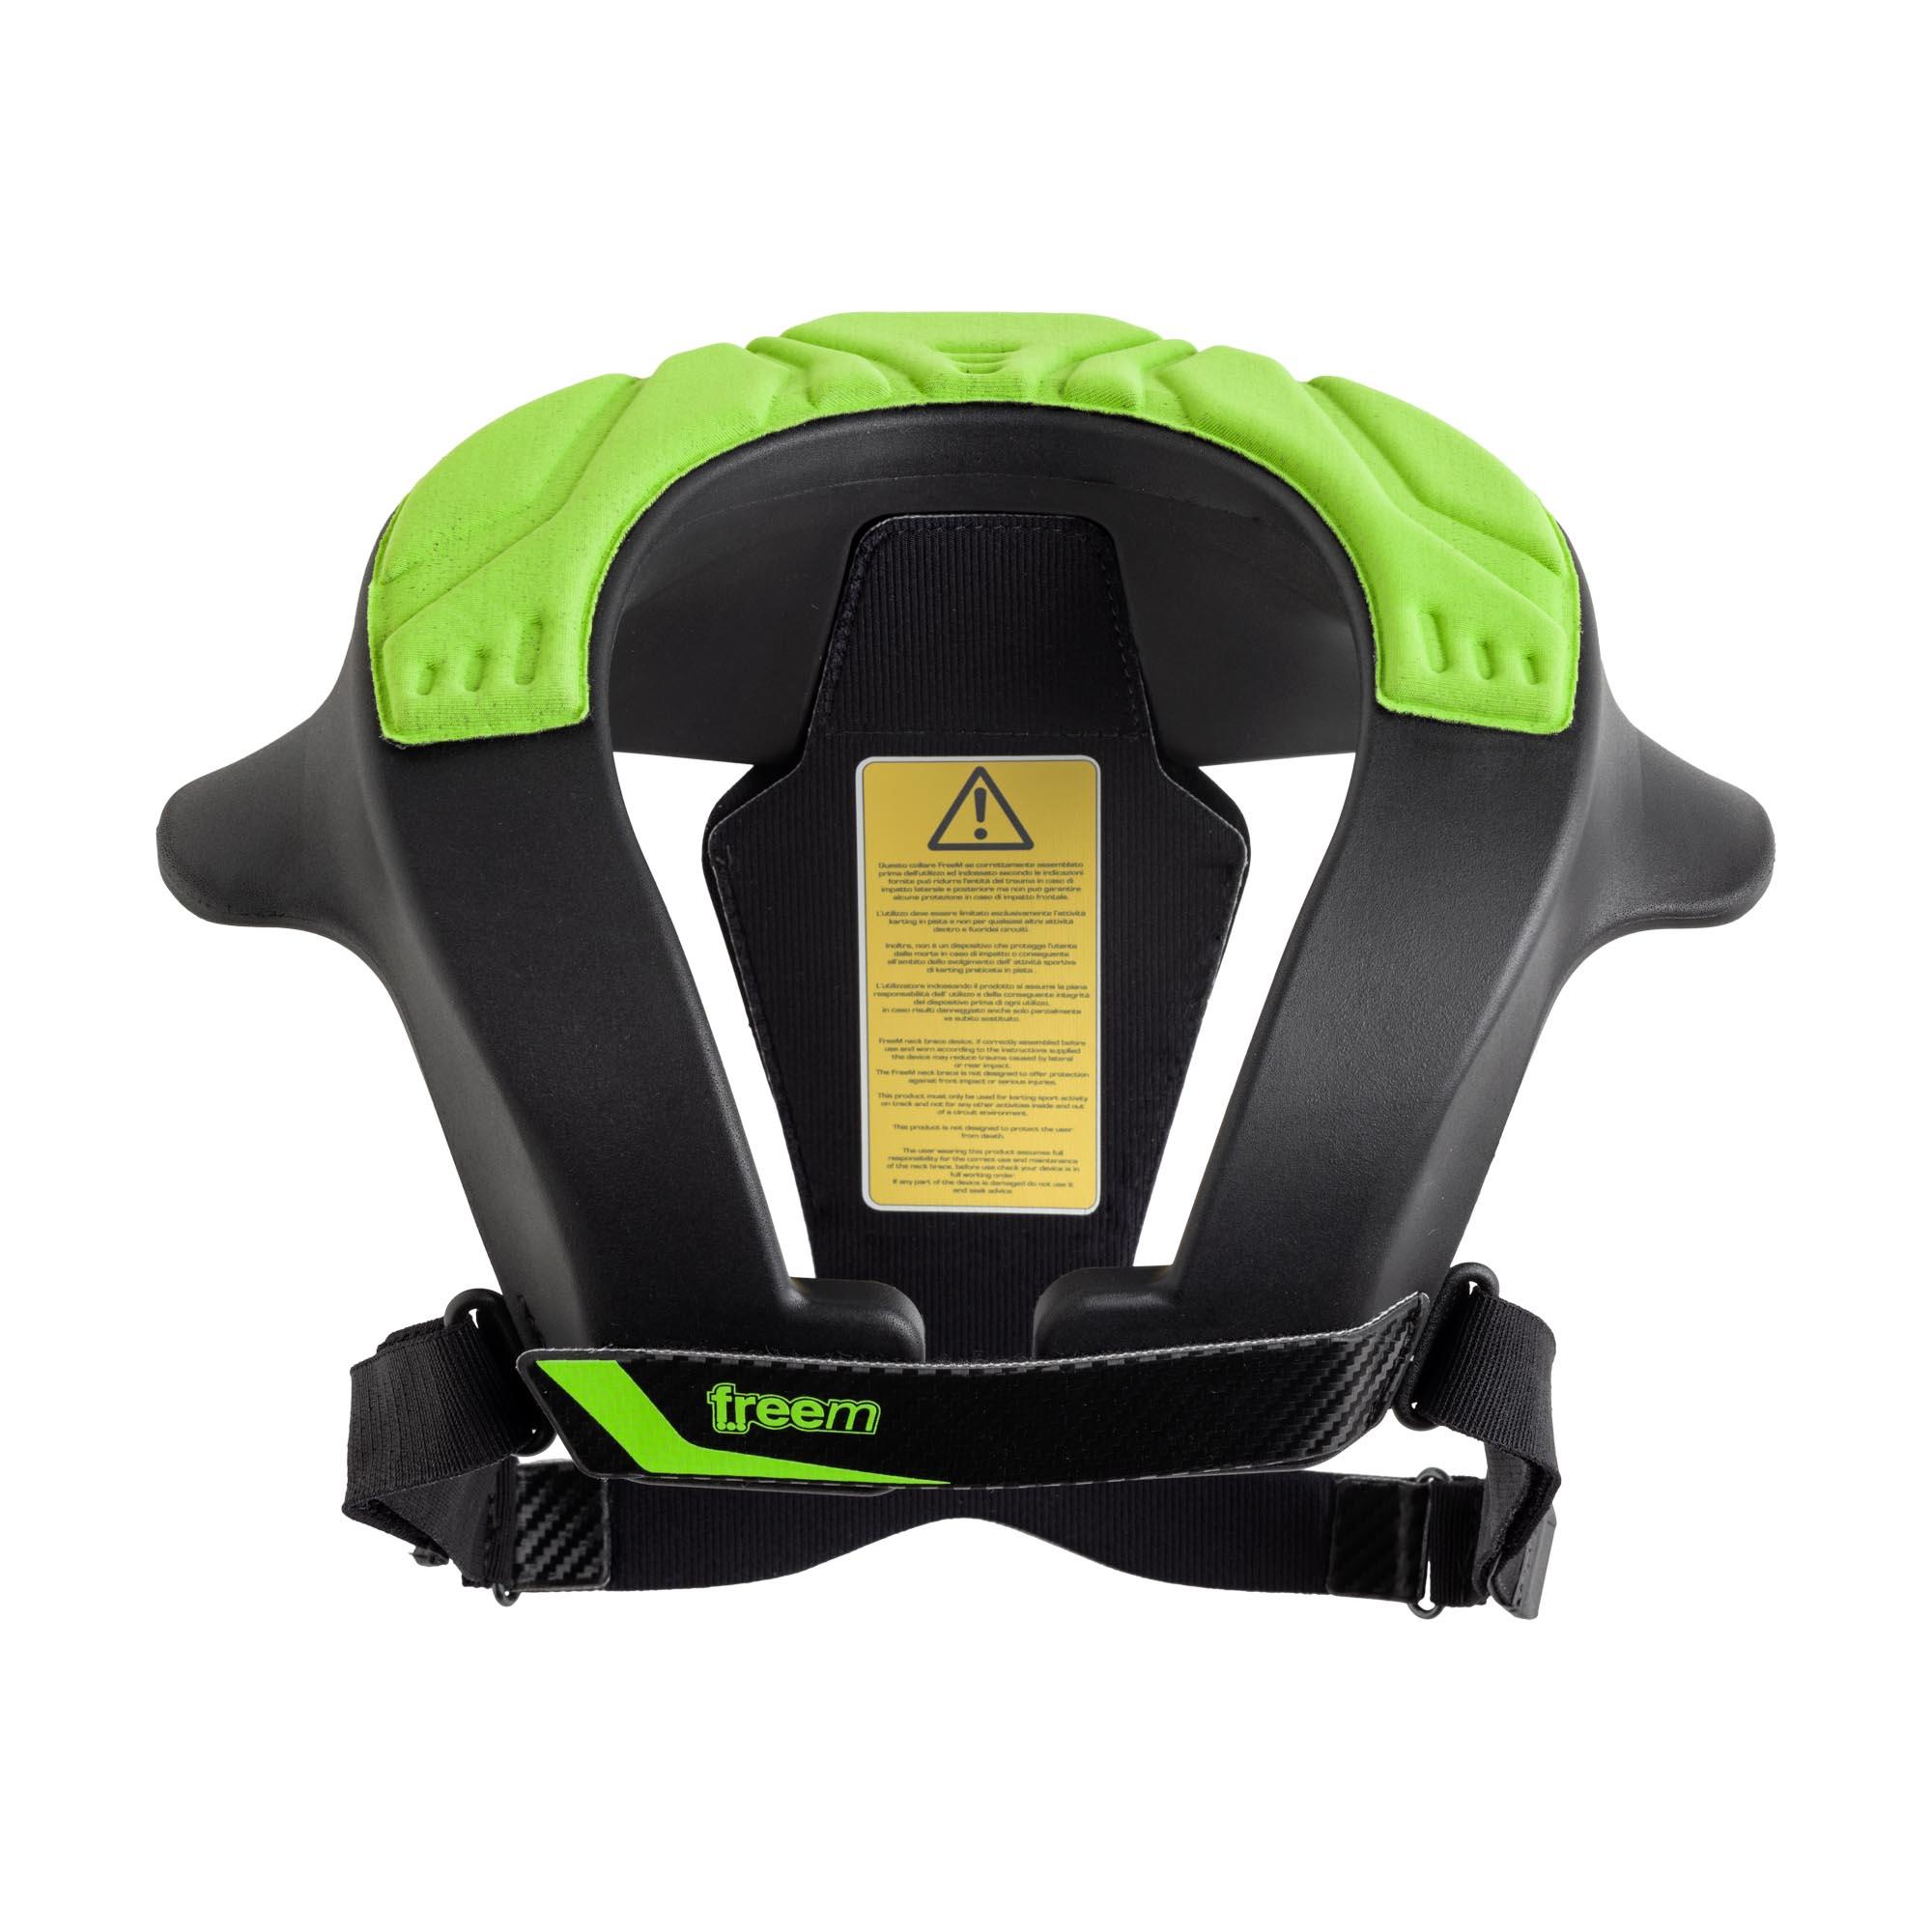 Leatt Brace Neck Leatt Brace Helmet Adventure Moto Gpx